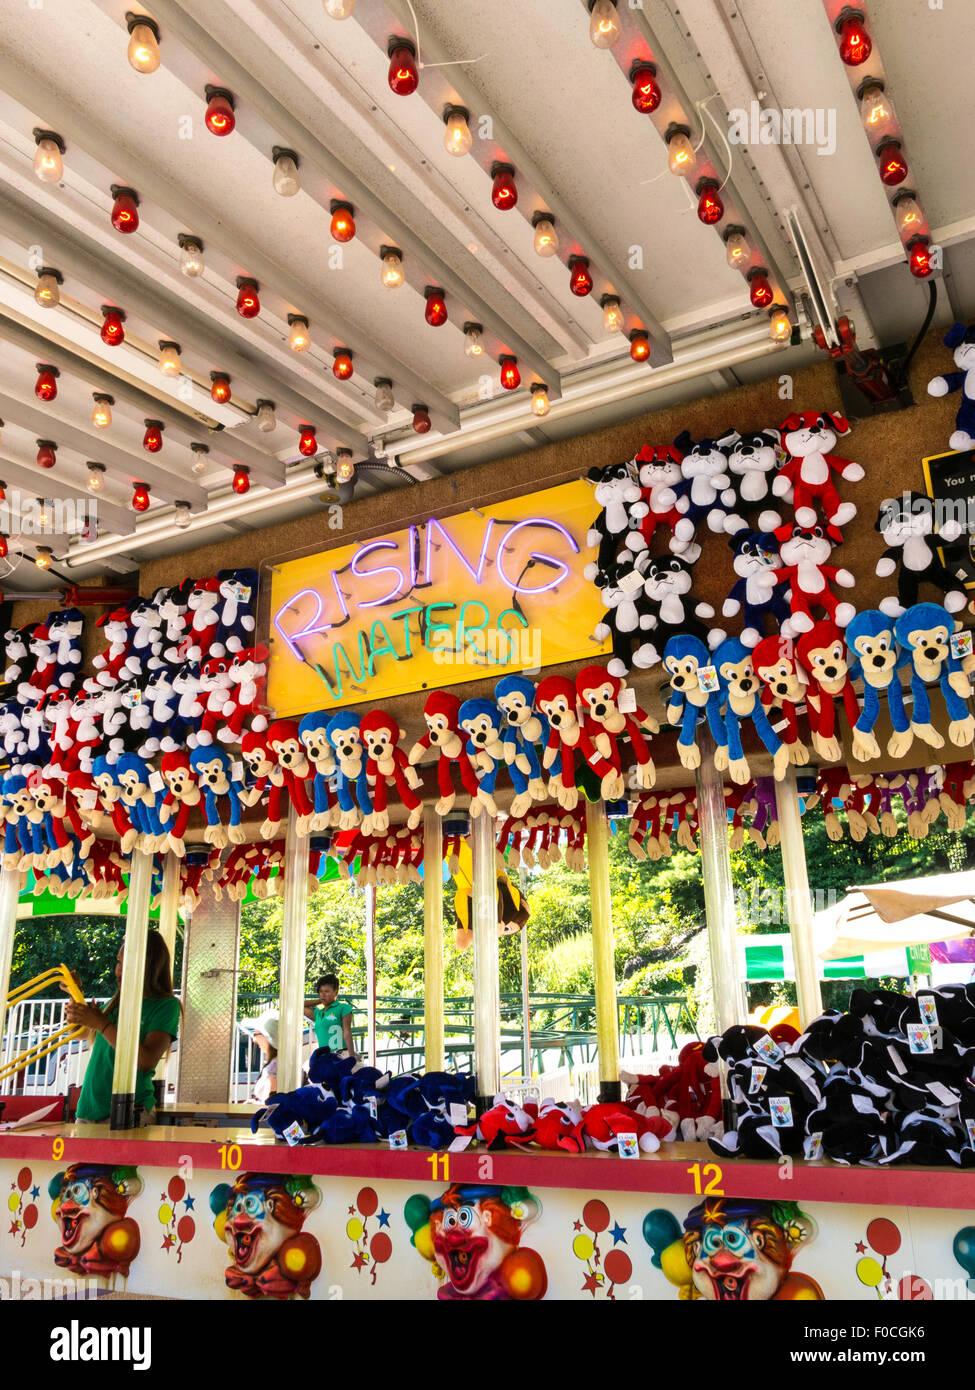 La chicharrita Arcade Juego con tema de payaso en Central Park, NYC Foto de stock